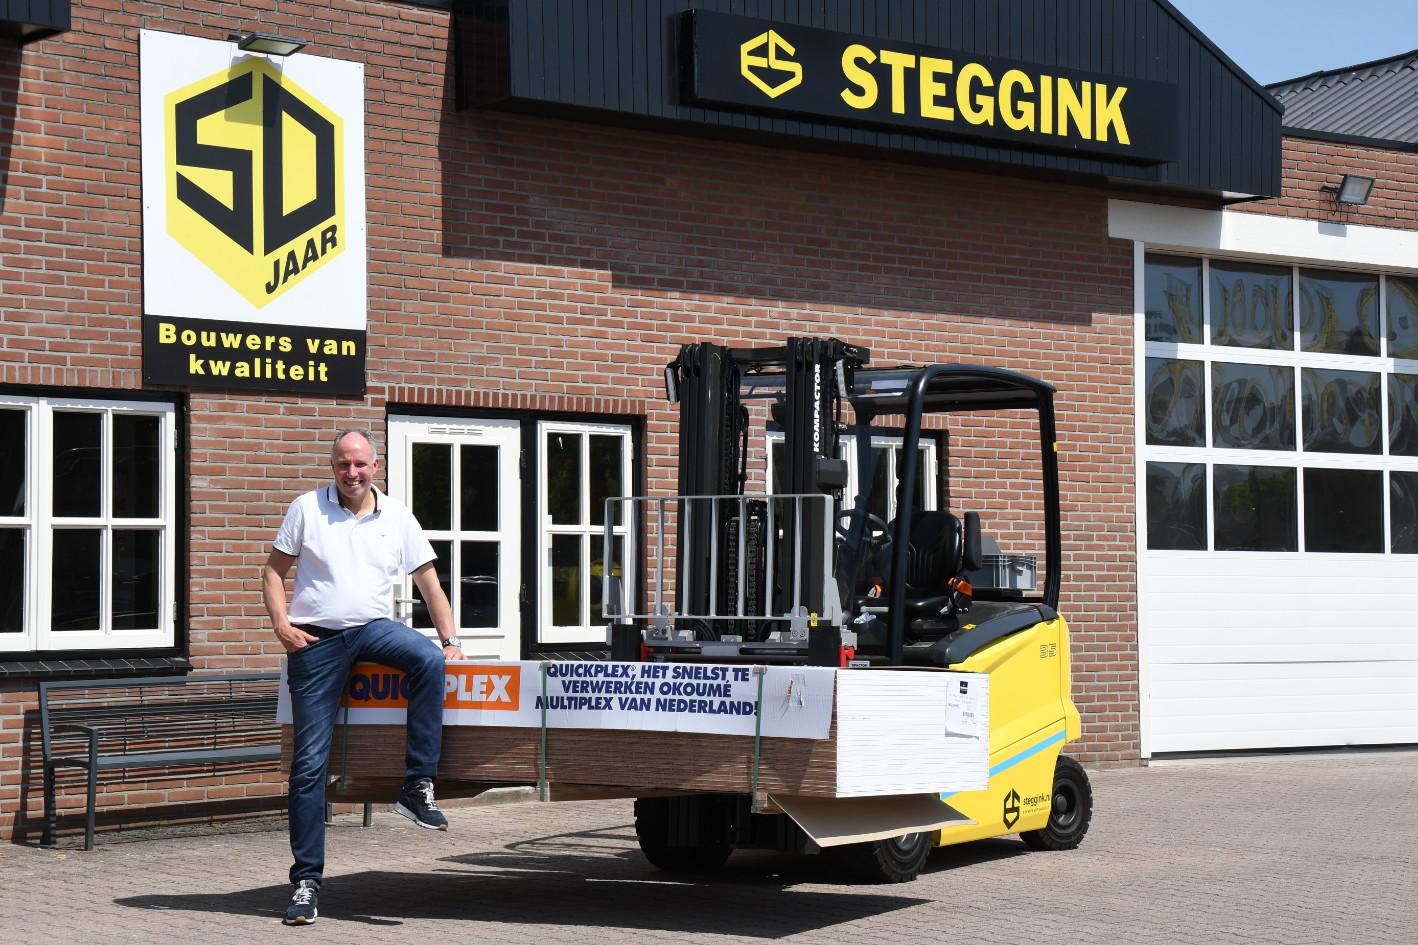 Edwald Steggink, eigenaar van het familiebedrijf Bouwbedrijf Steggink